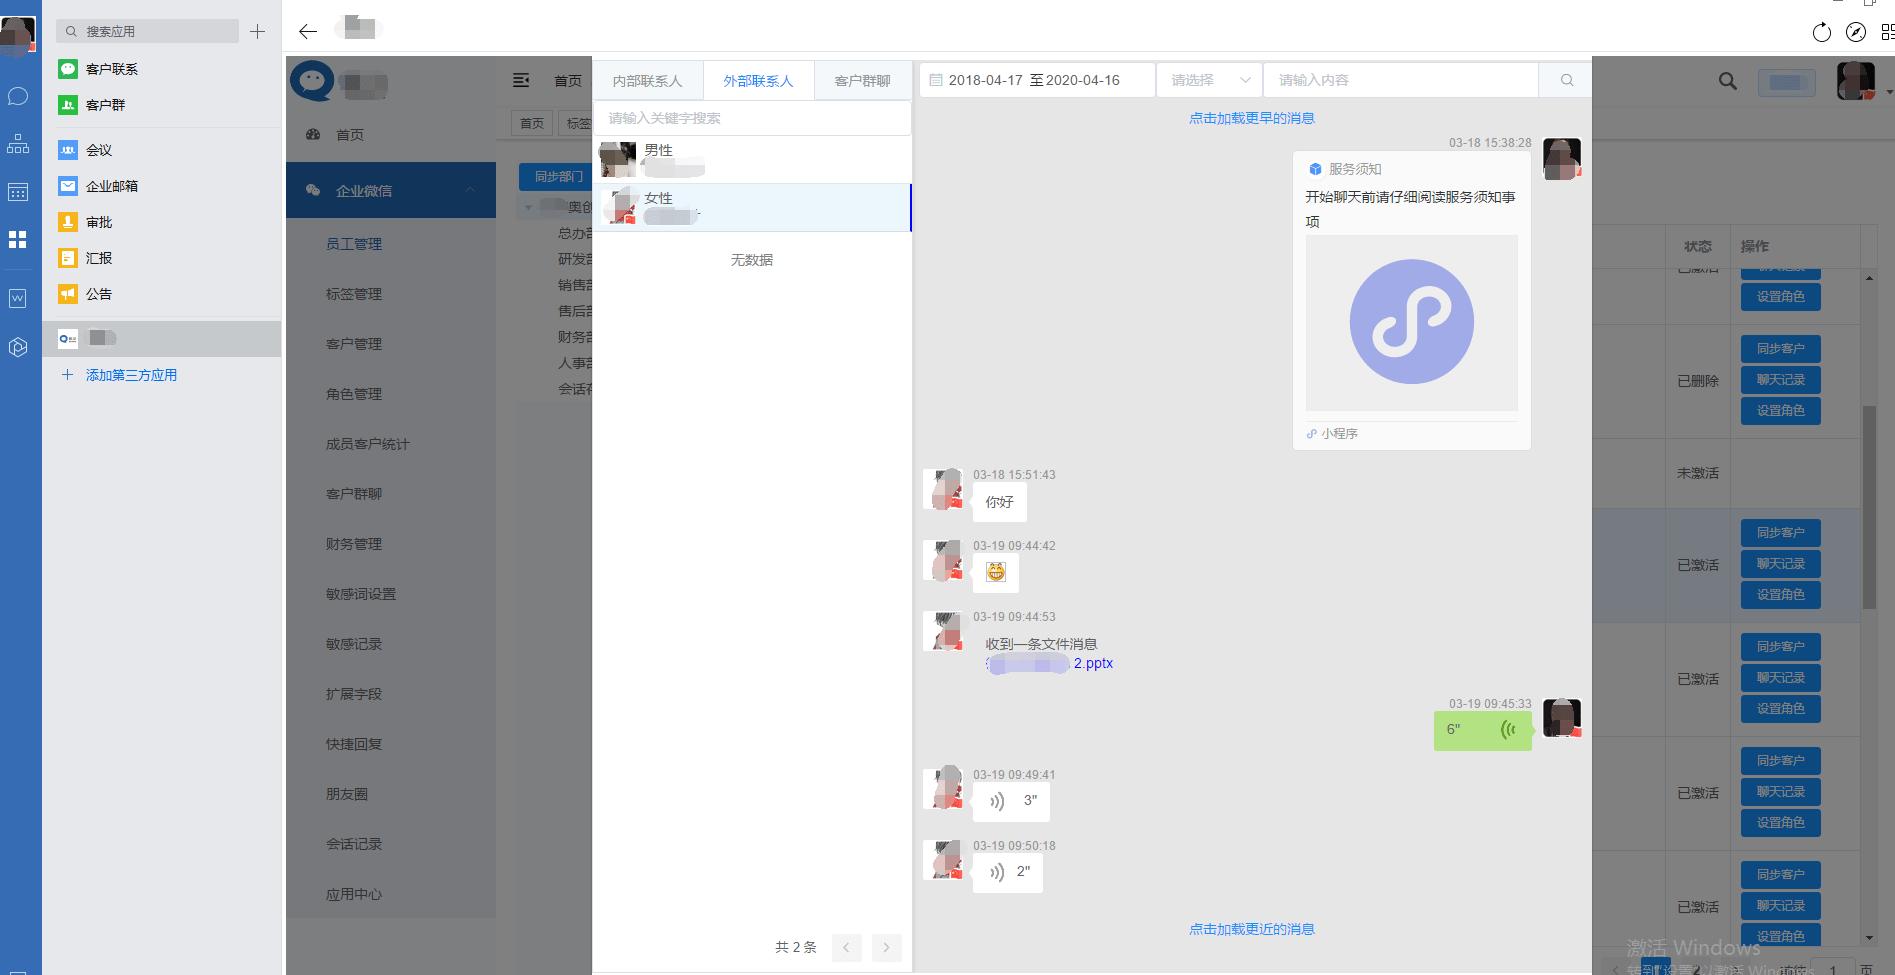 微信聊天记录能保存多久(三年前的微信聊天记录)